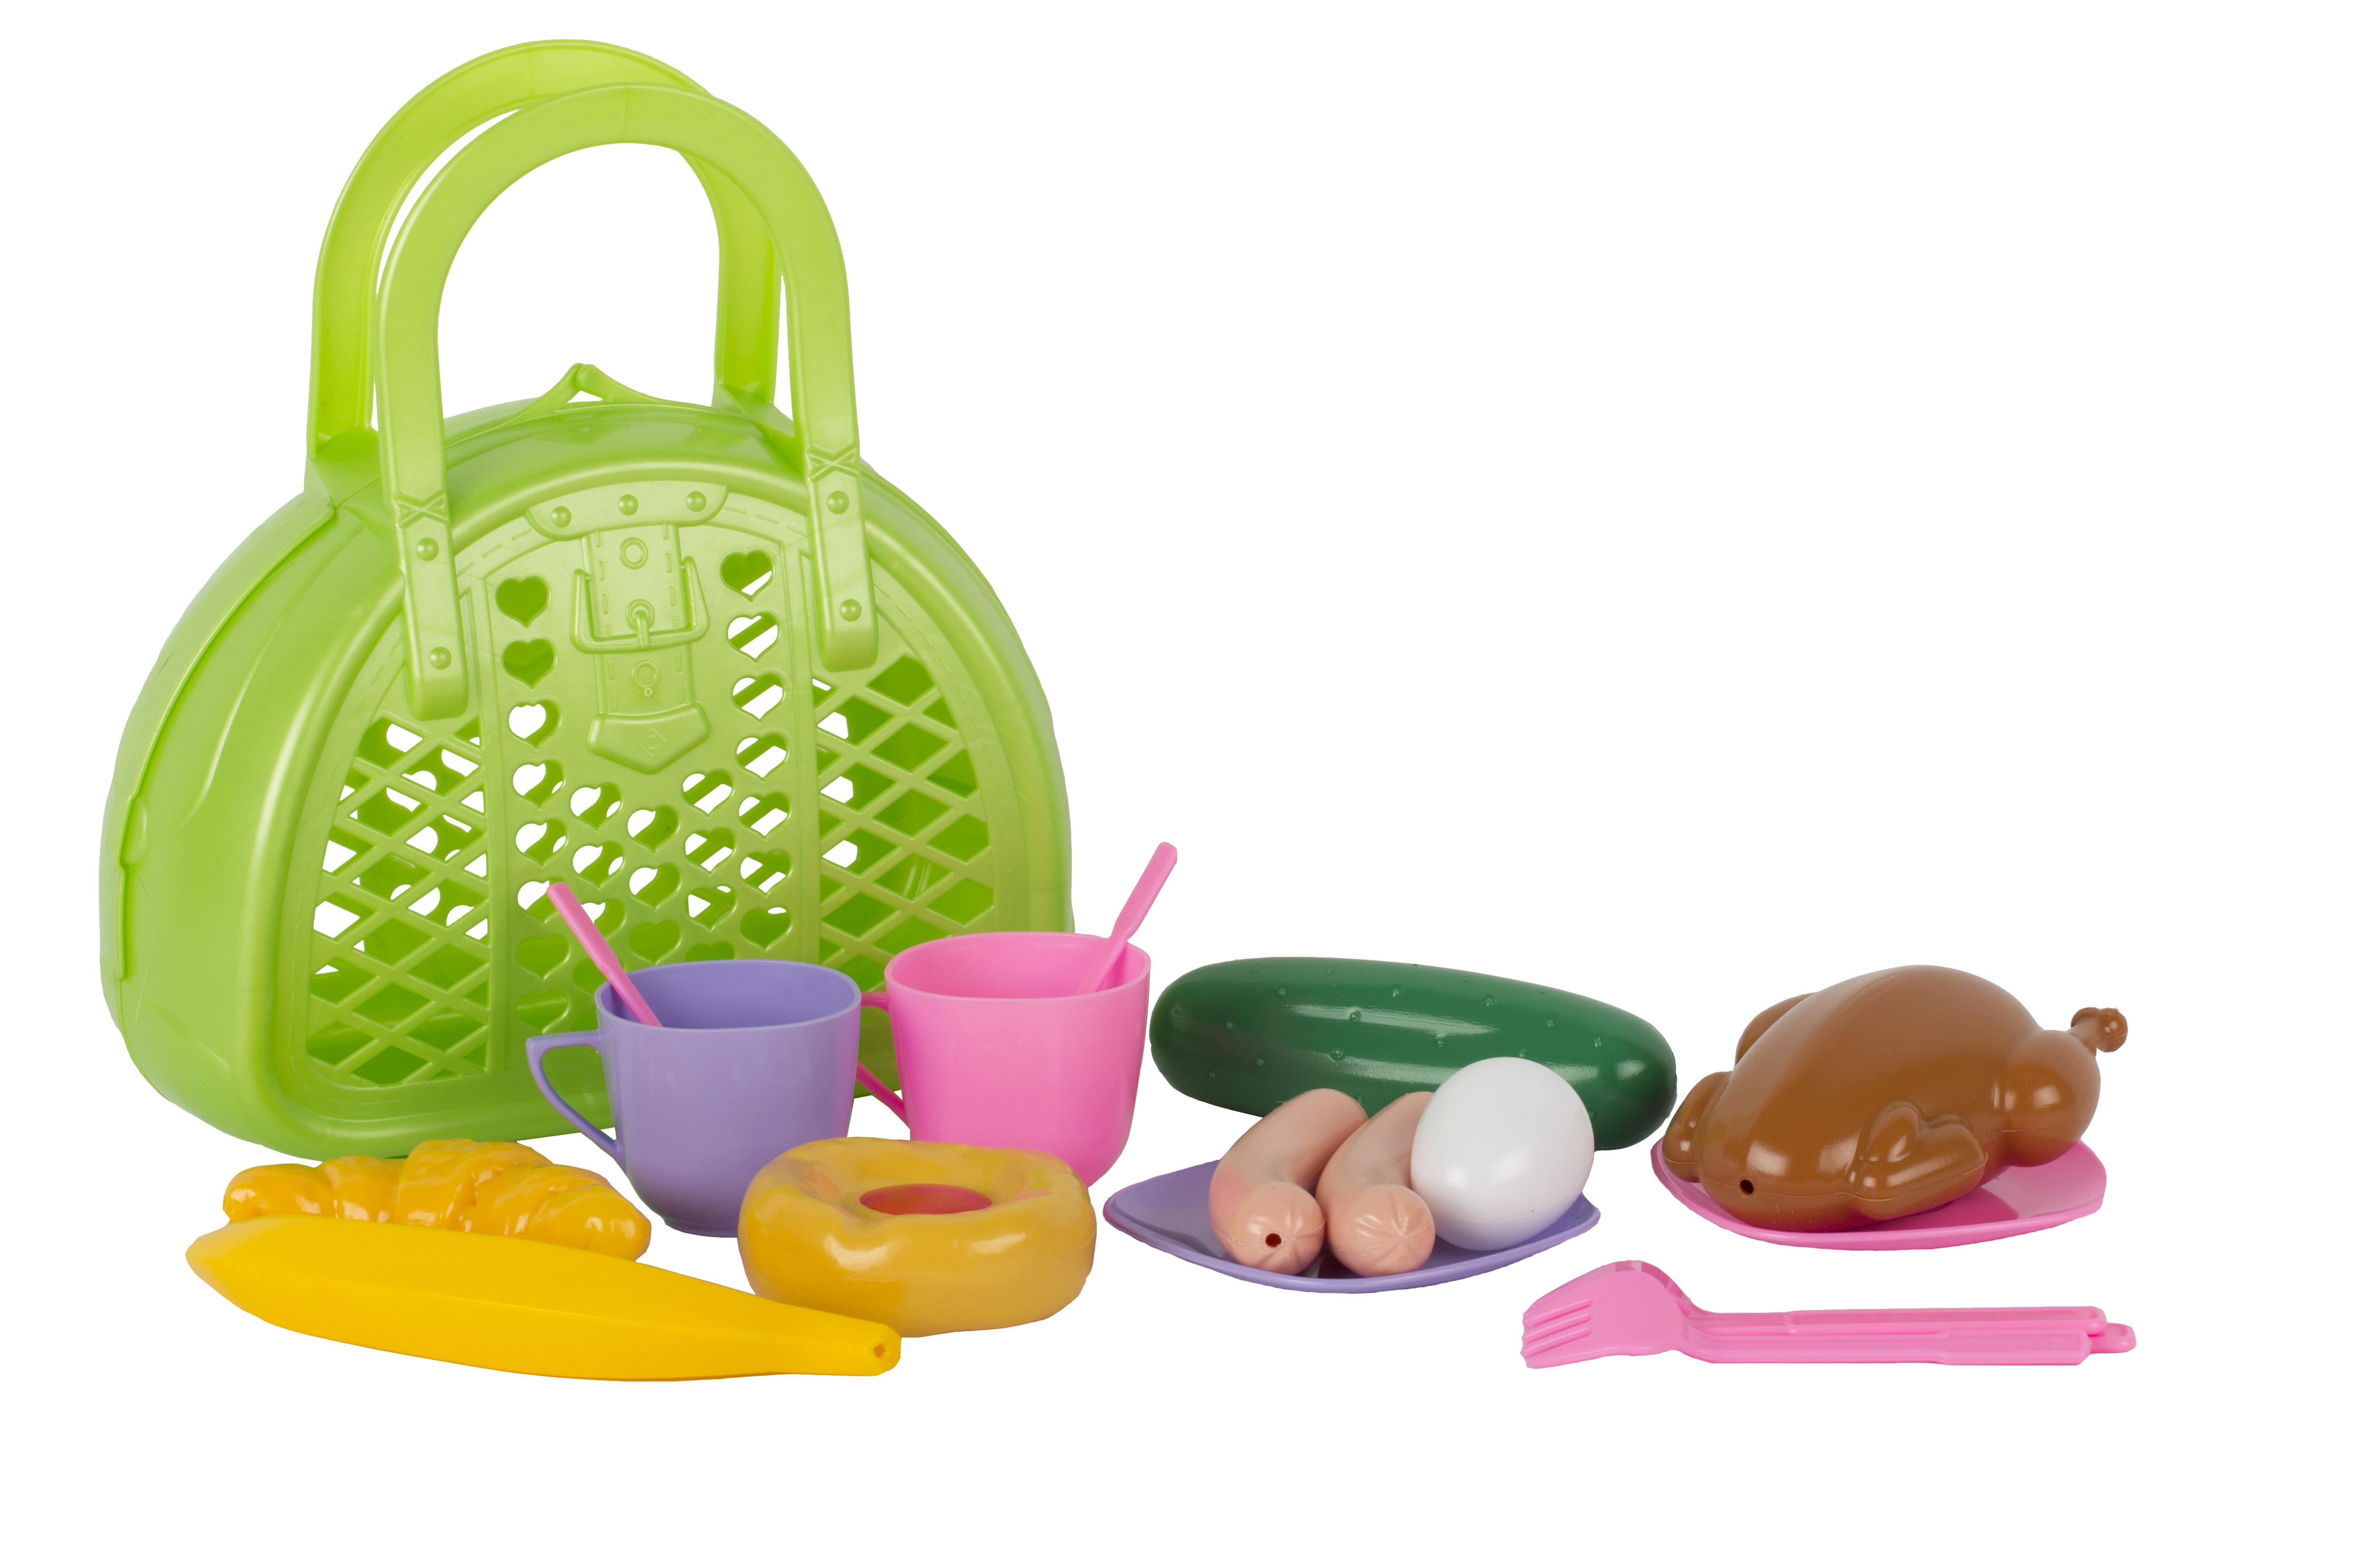 Посуда и наборы продуктов Спектр Завтрак путешественника в сумочке ручки parker 5th s0959010